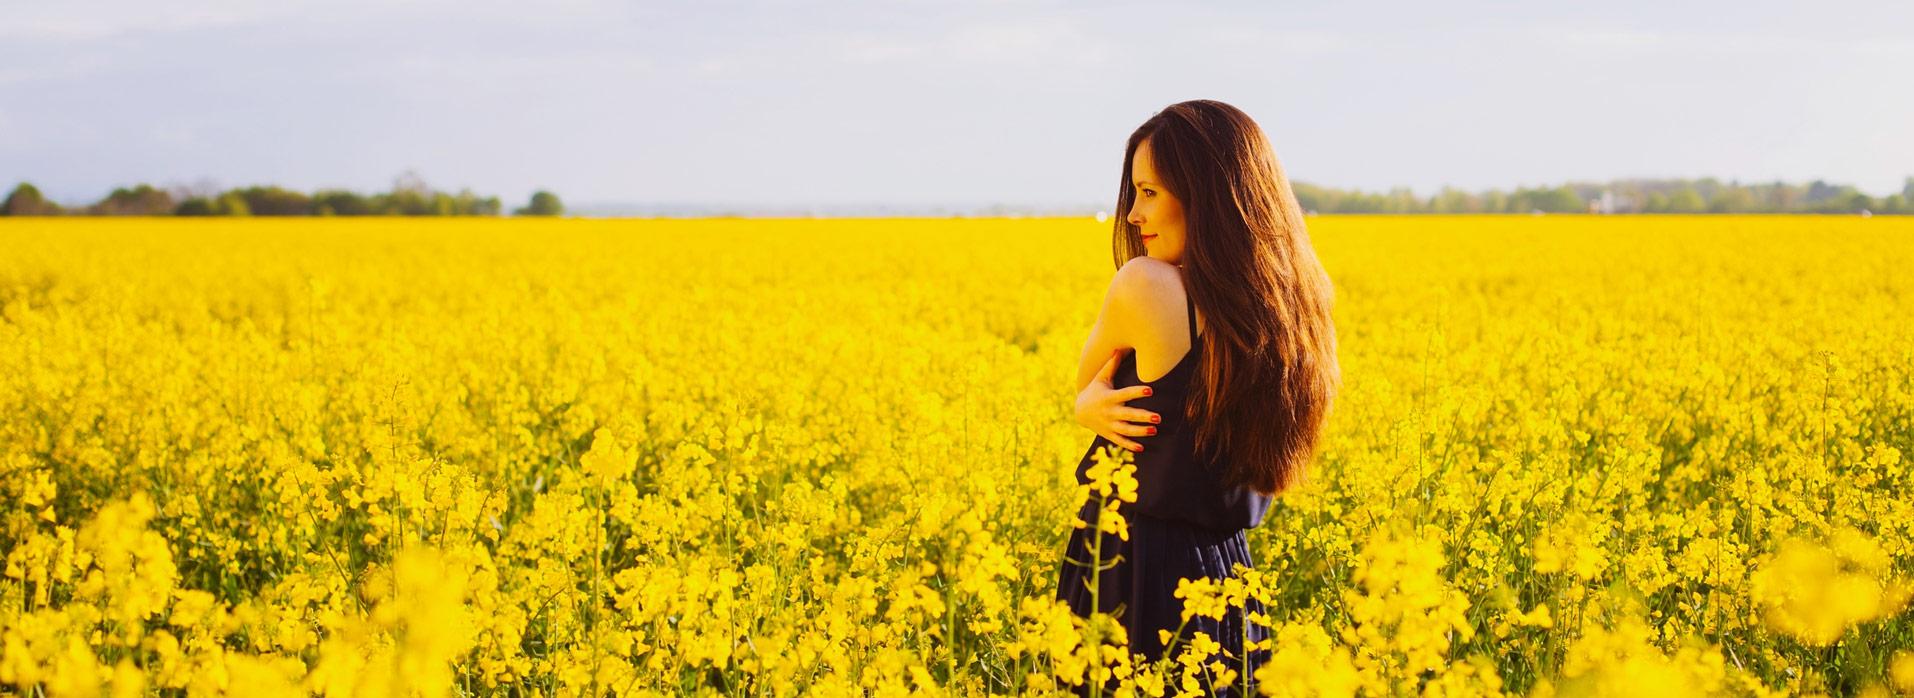 Eine Frau steht in einer gelben Blumenwiese